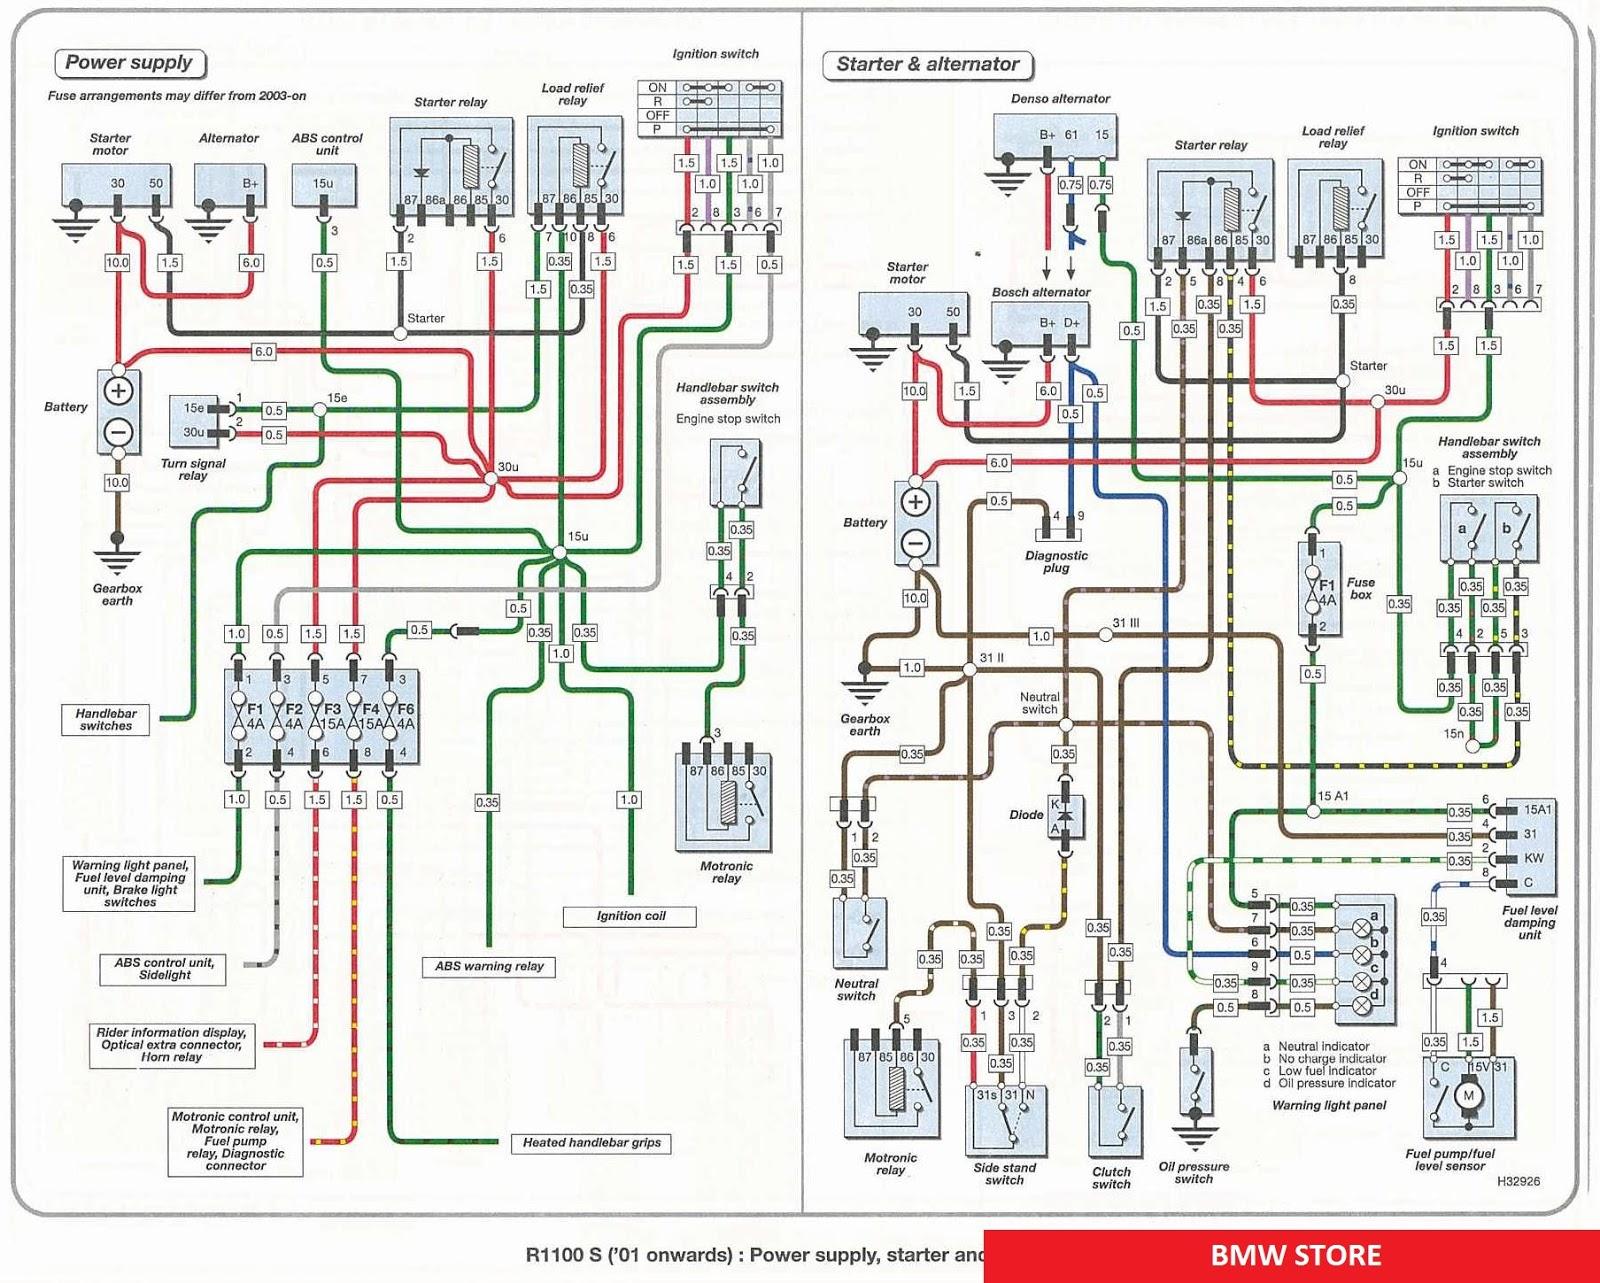 bmw r1150r wiring diagram home wiring diagram bmw r1150r wiring diagram [ 1600 x 1283 Pixel ]